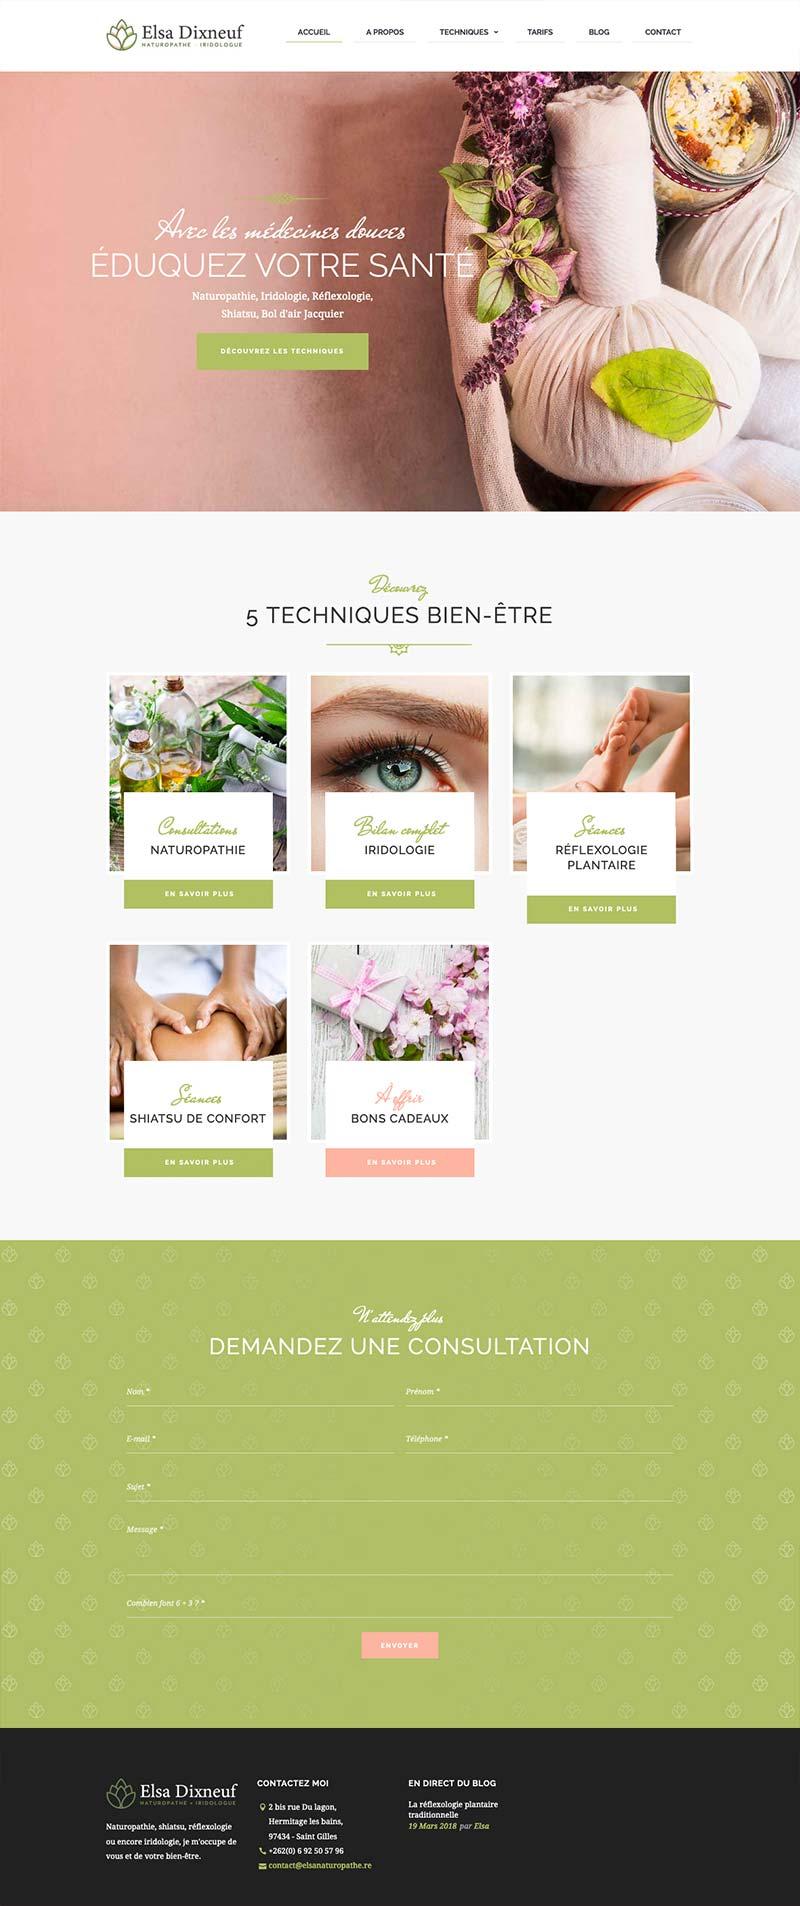 Page d'accueil du site internet de la naturopathe Elsa Dixneuf